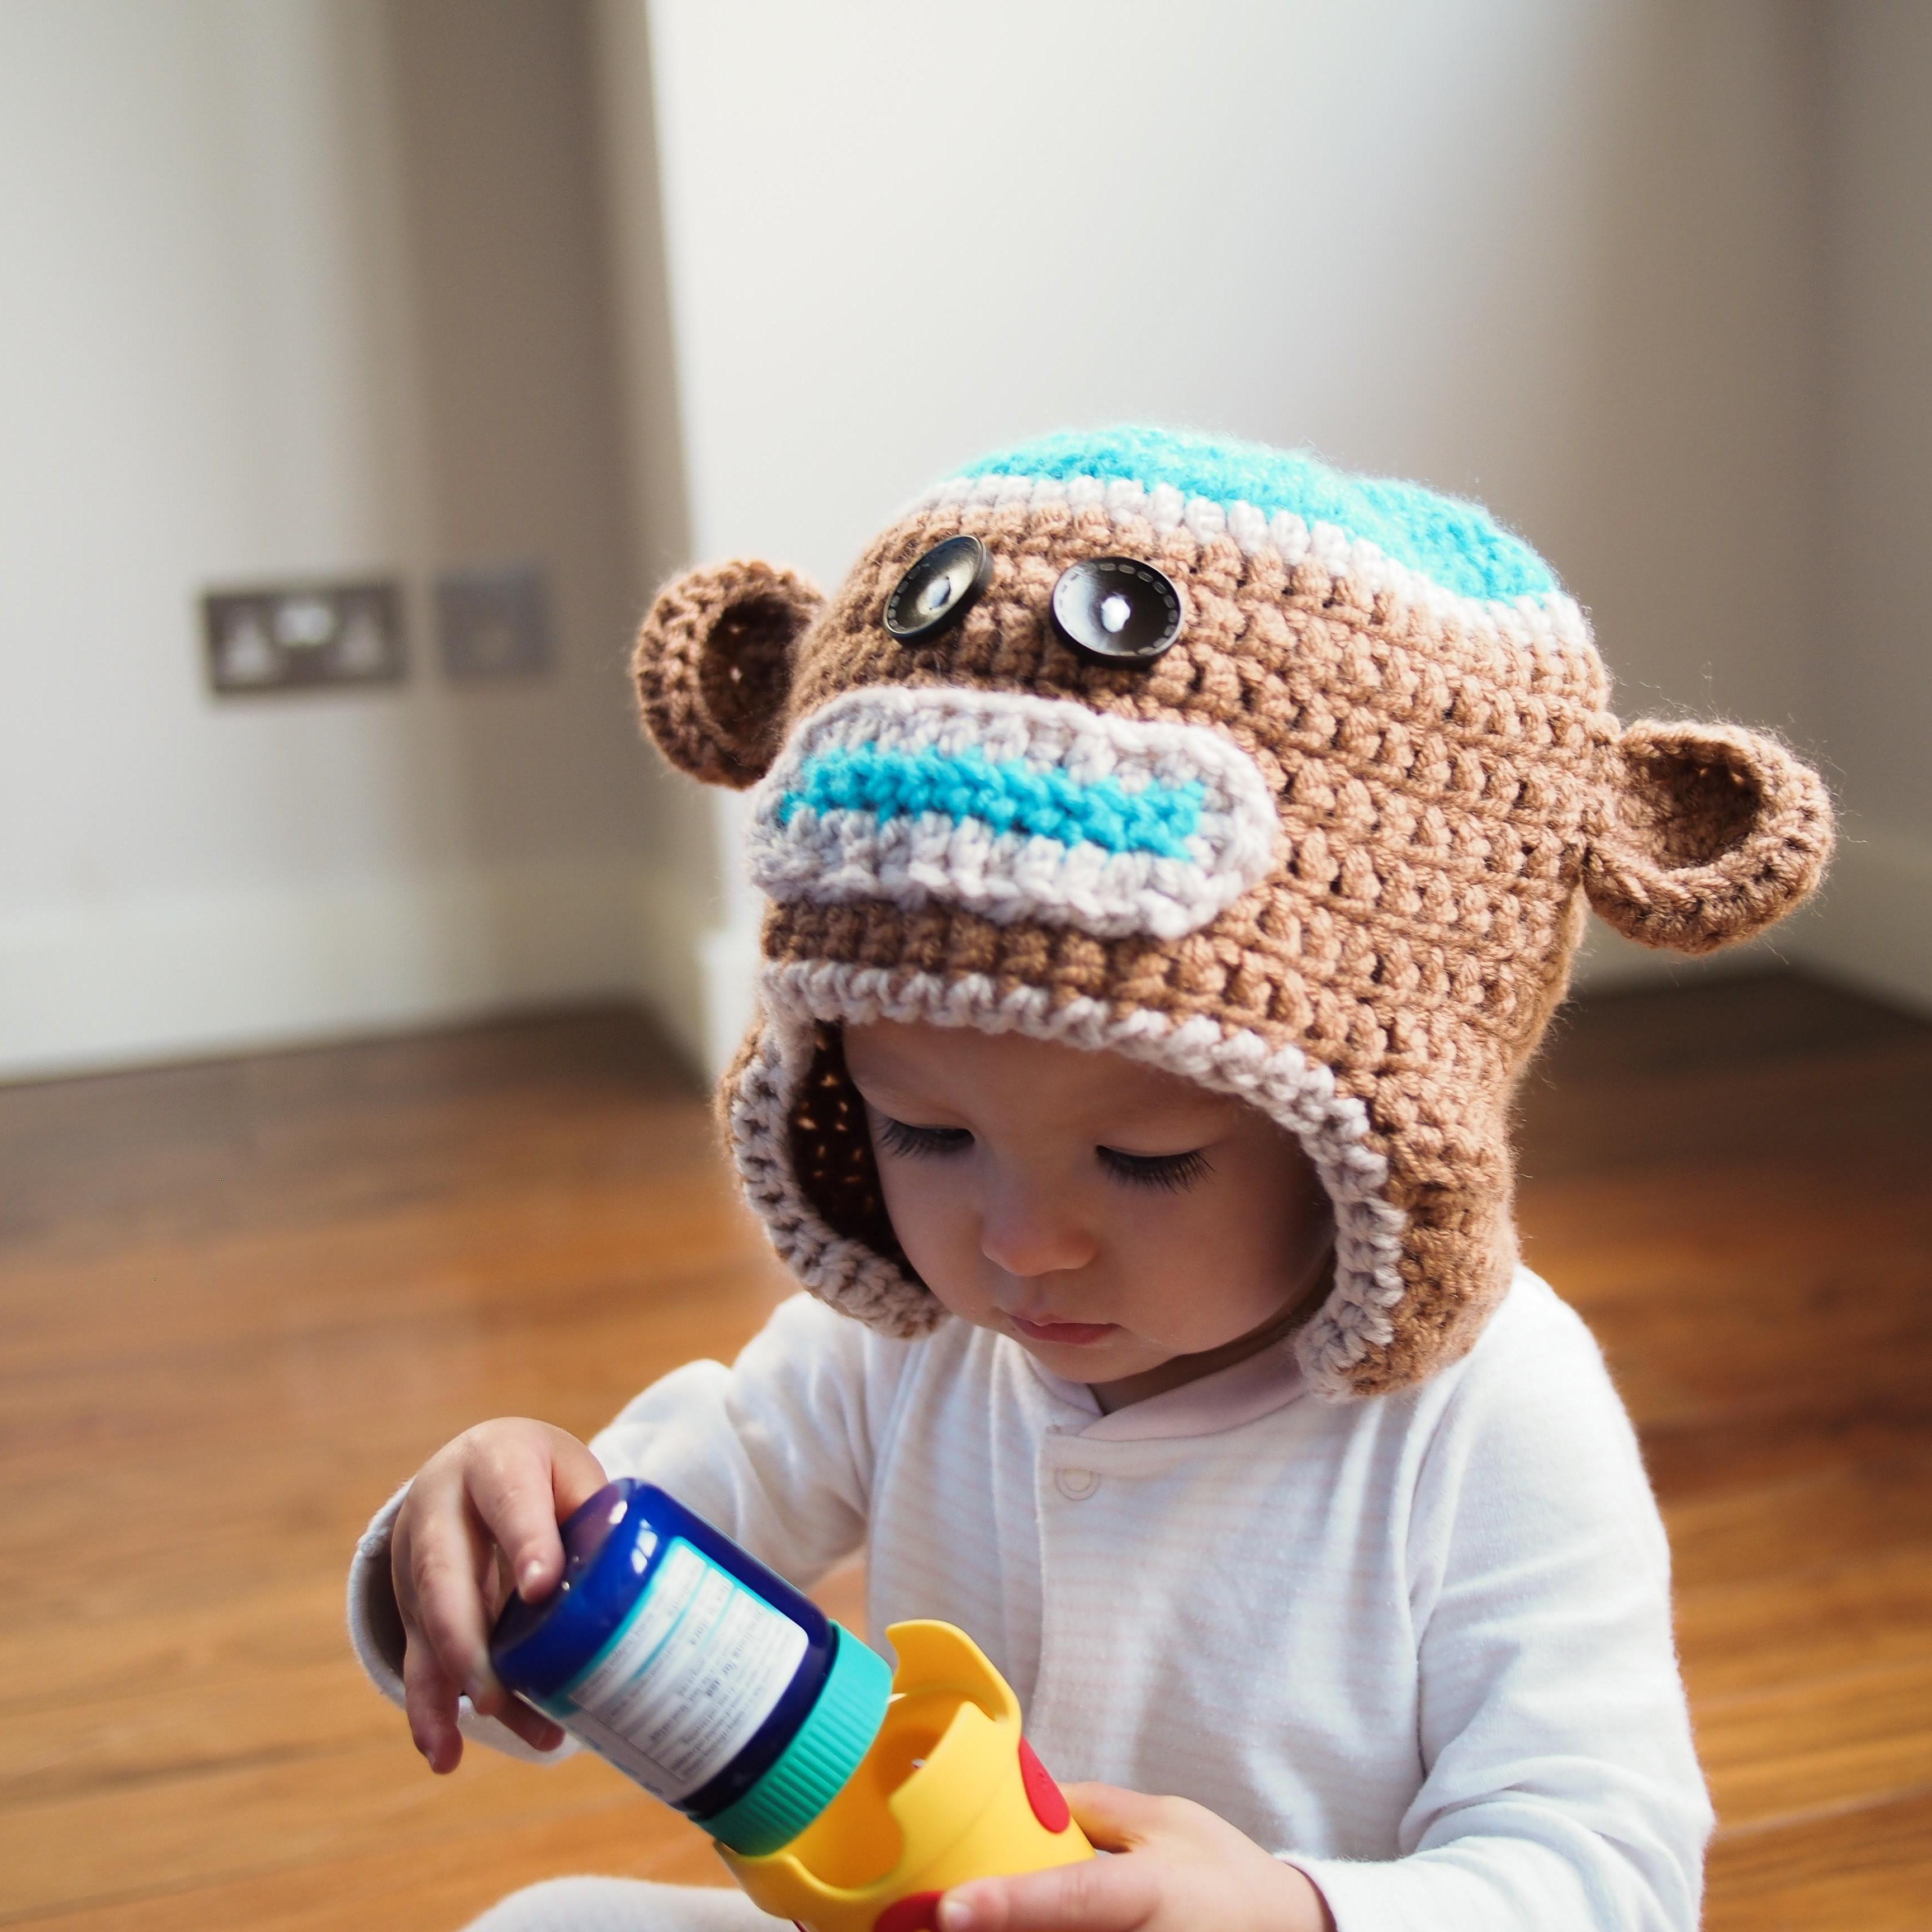 Cris Crochet sock monkey hat